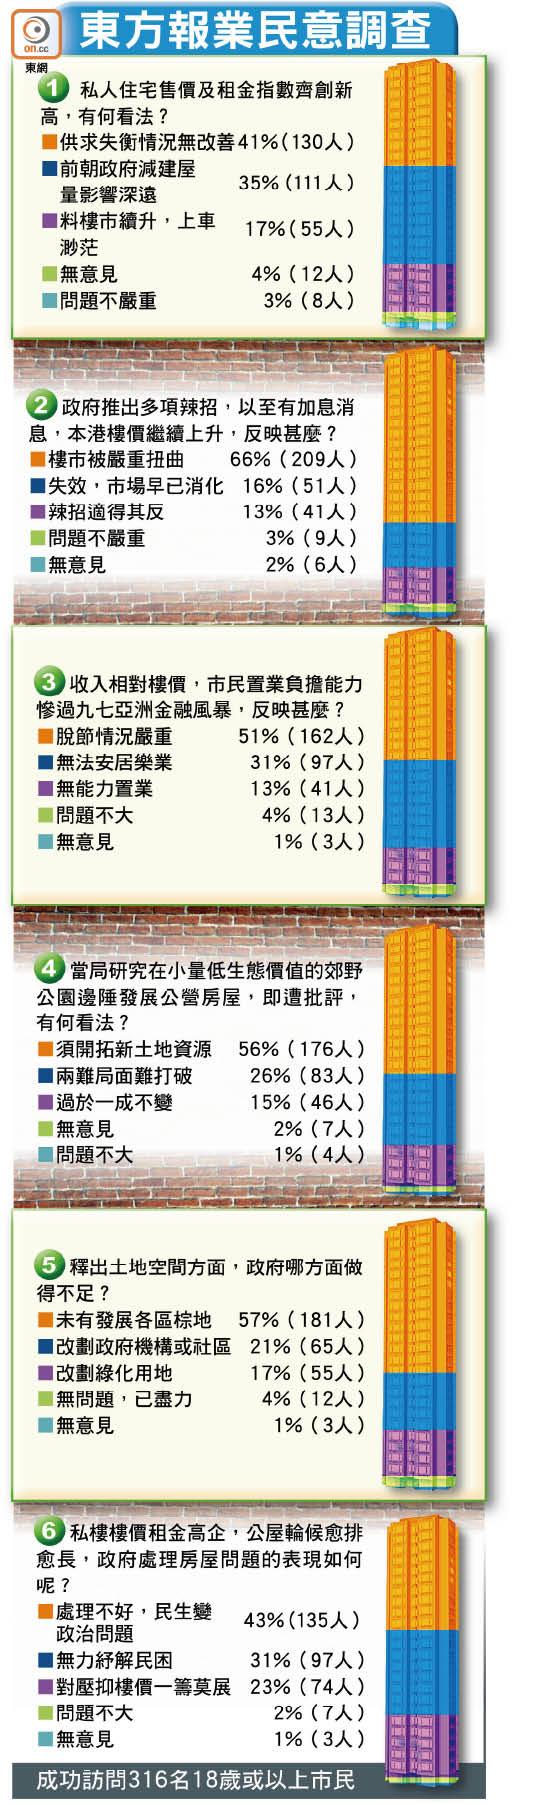 東方民調:政府無能 辣招無力 樓價愈升 民生愈苦 - 東方日報